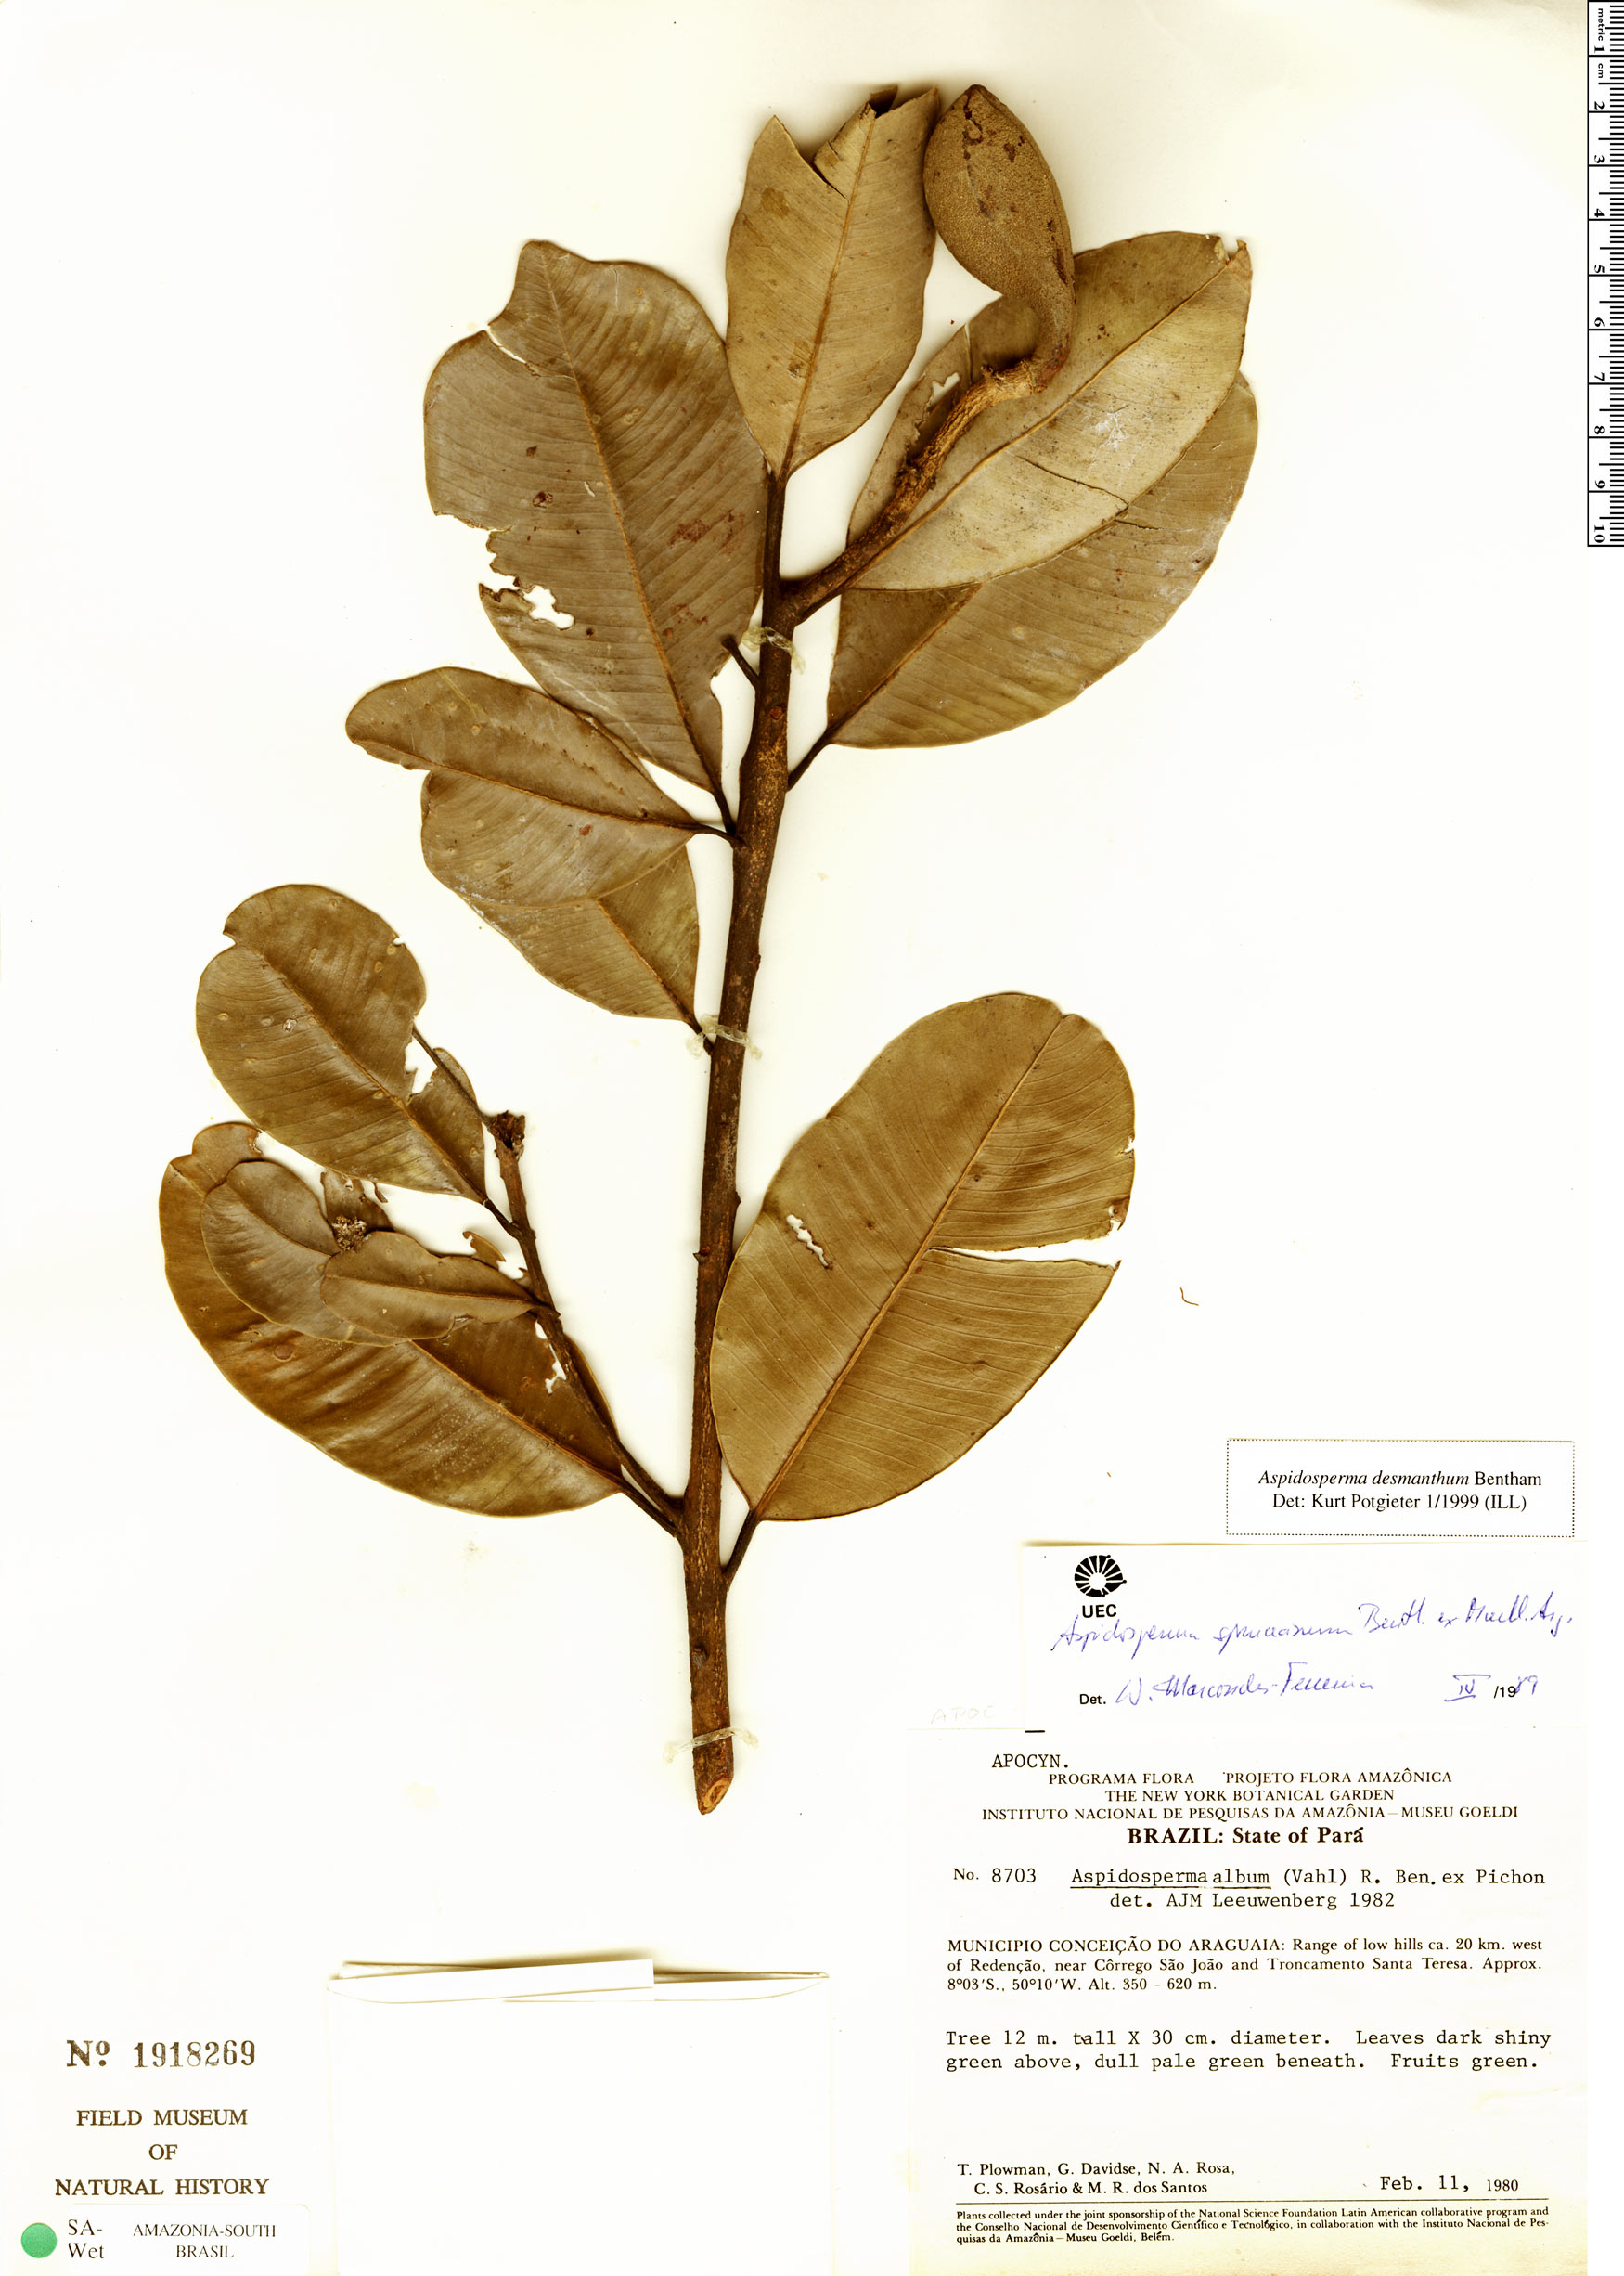 Espécime: Aspidosperma spruceanum